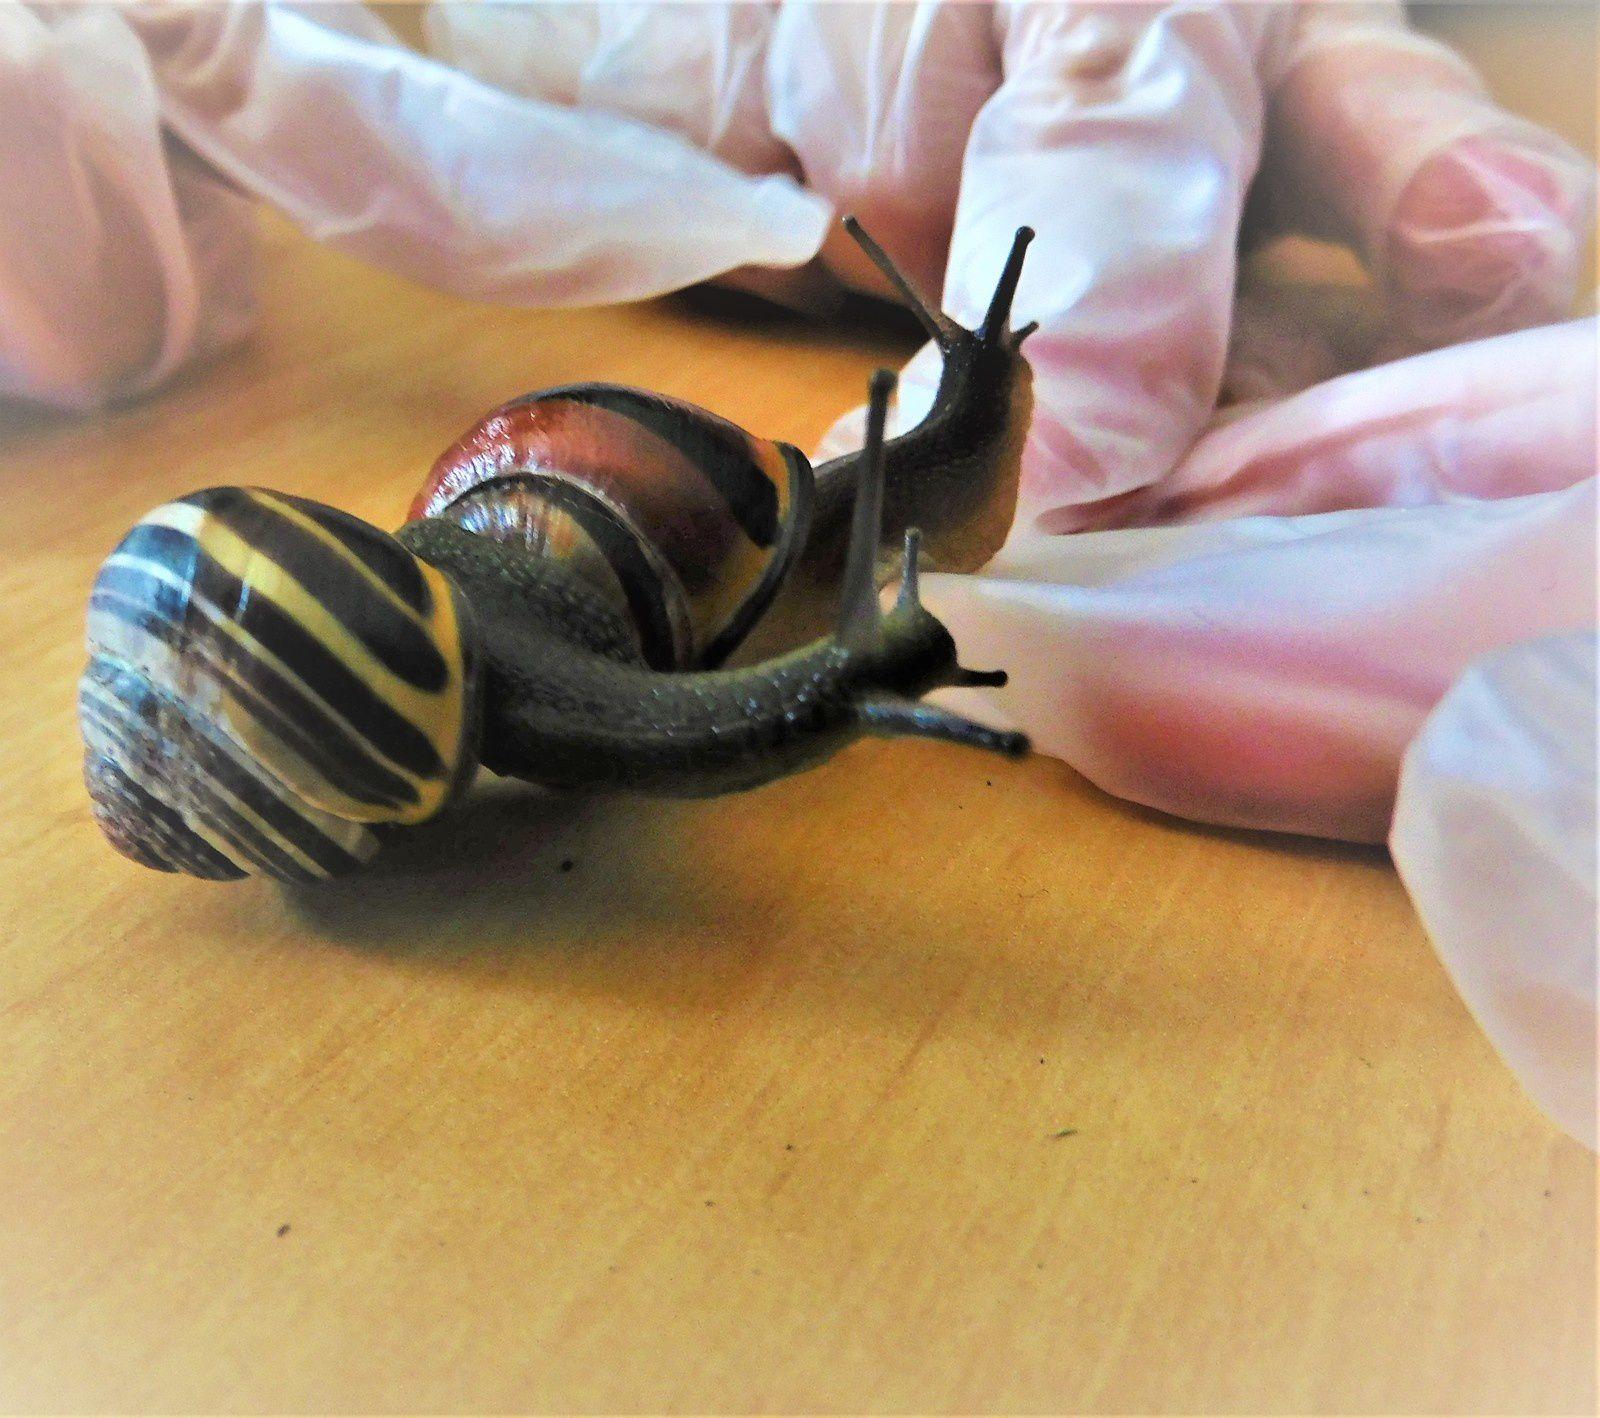 ~ Rencontre avec Harold, l'escargot ~ Un nouveau colocataire ~ PA 1 ~